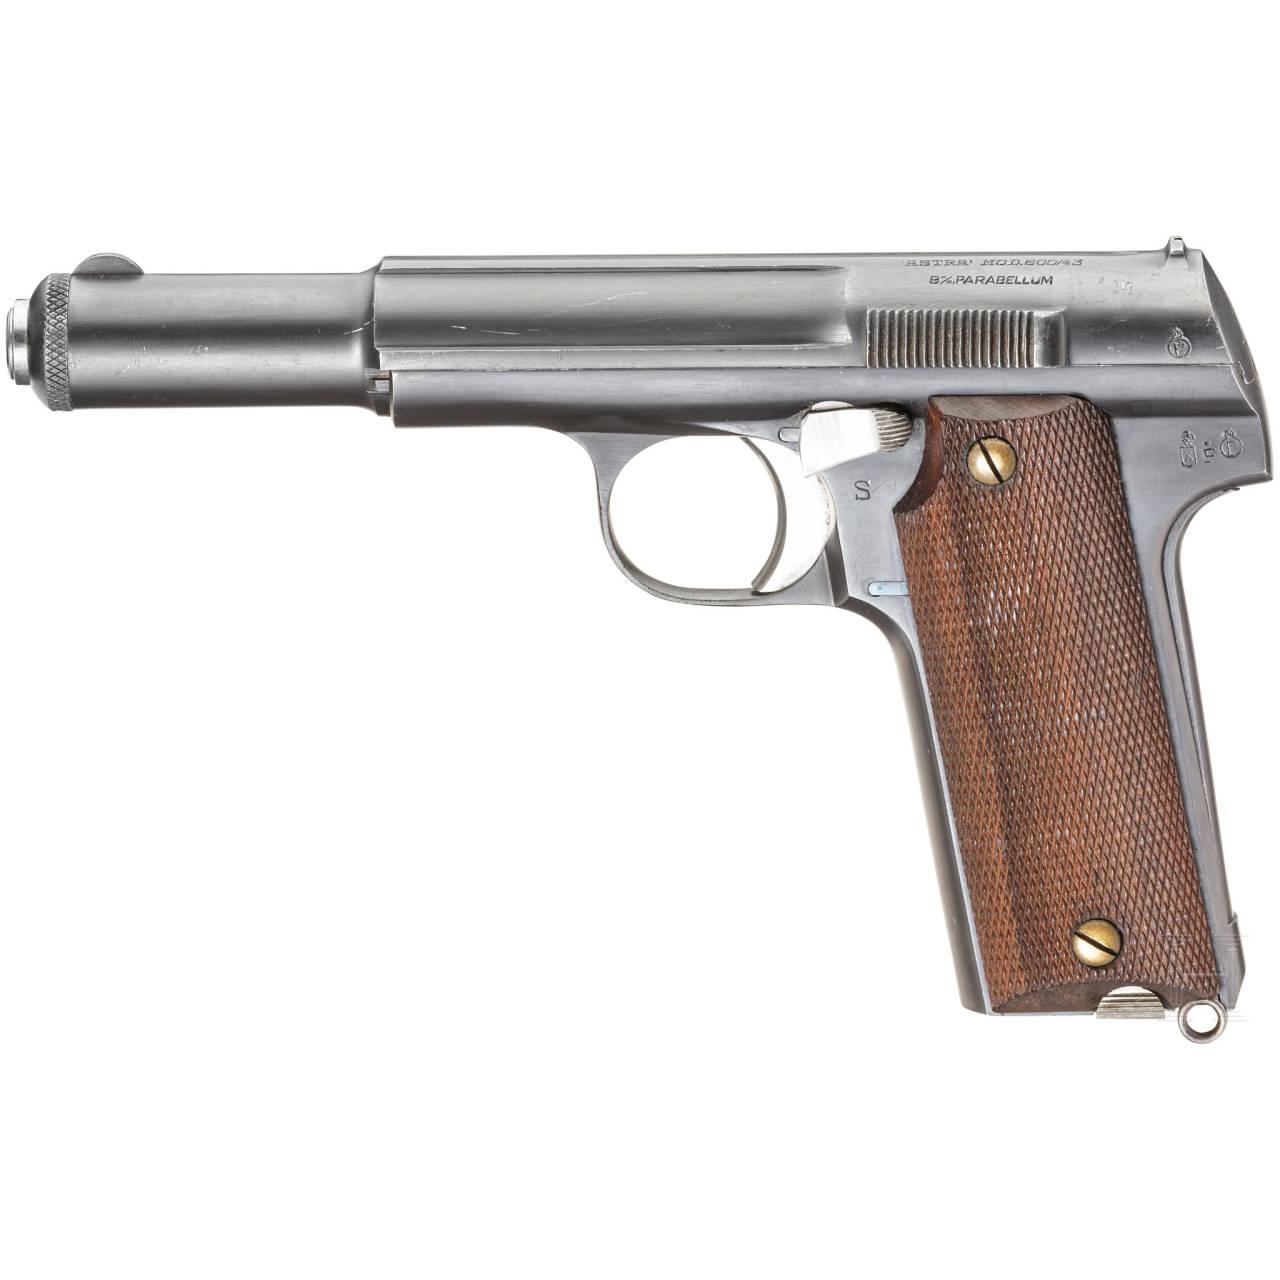 Astra Mod. 600/43, mit Tasche, Bundesgrenzschutz